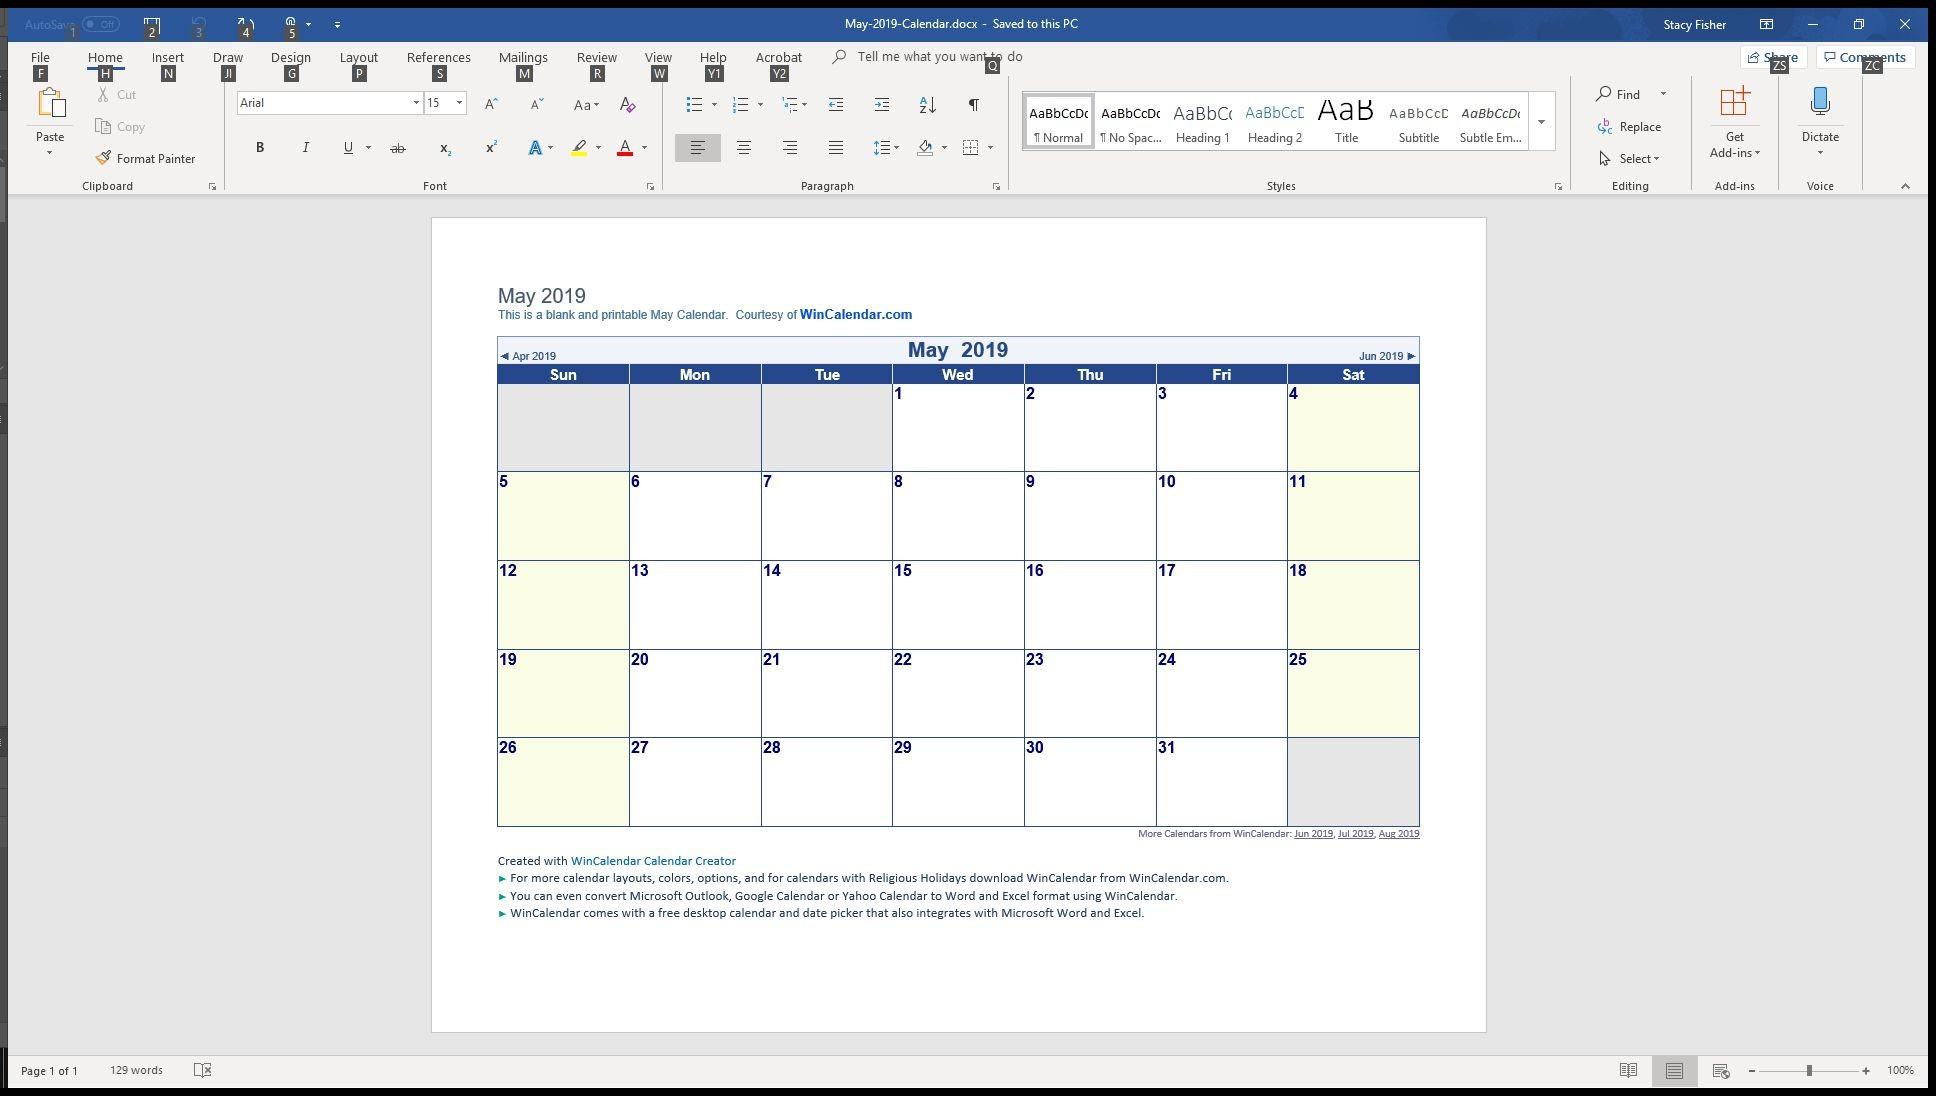 Como Imprimir Un Calendario En Outlook Recientes Calendars to Edit Cortoreversammi